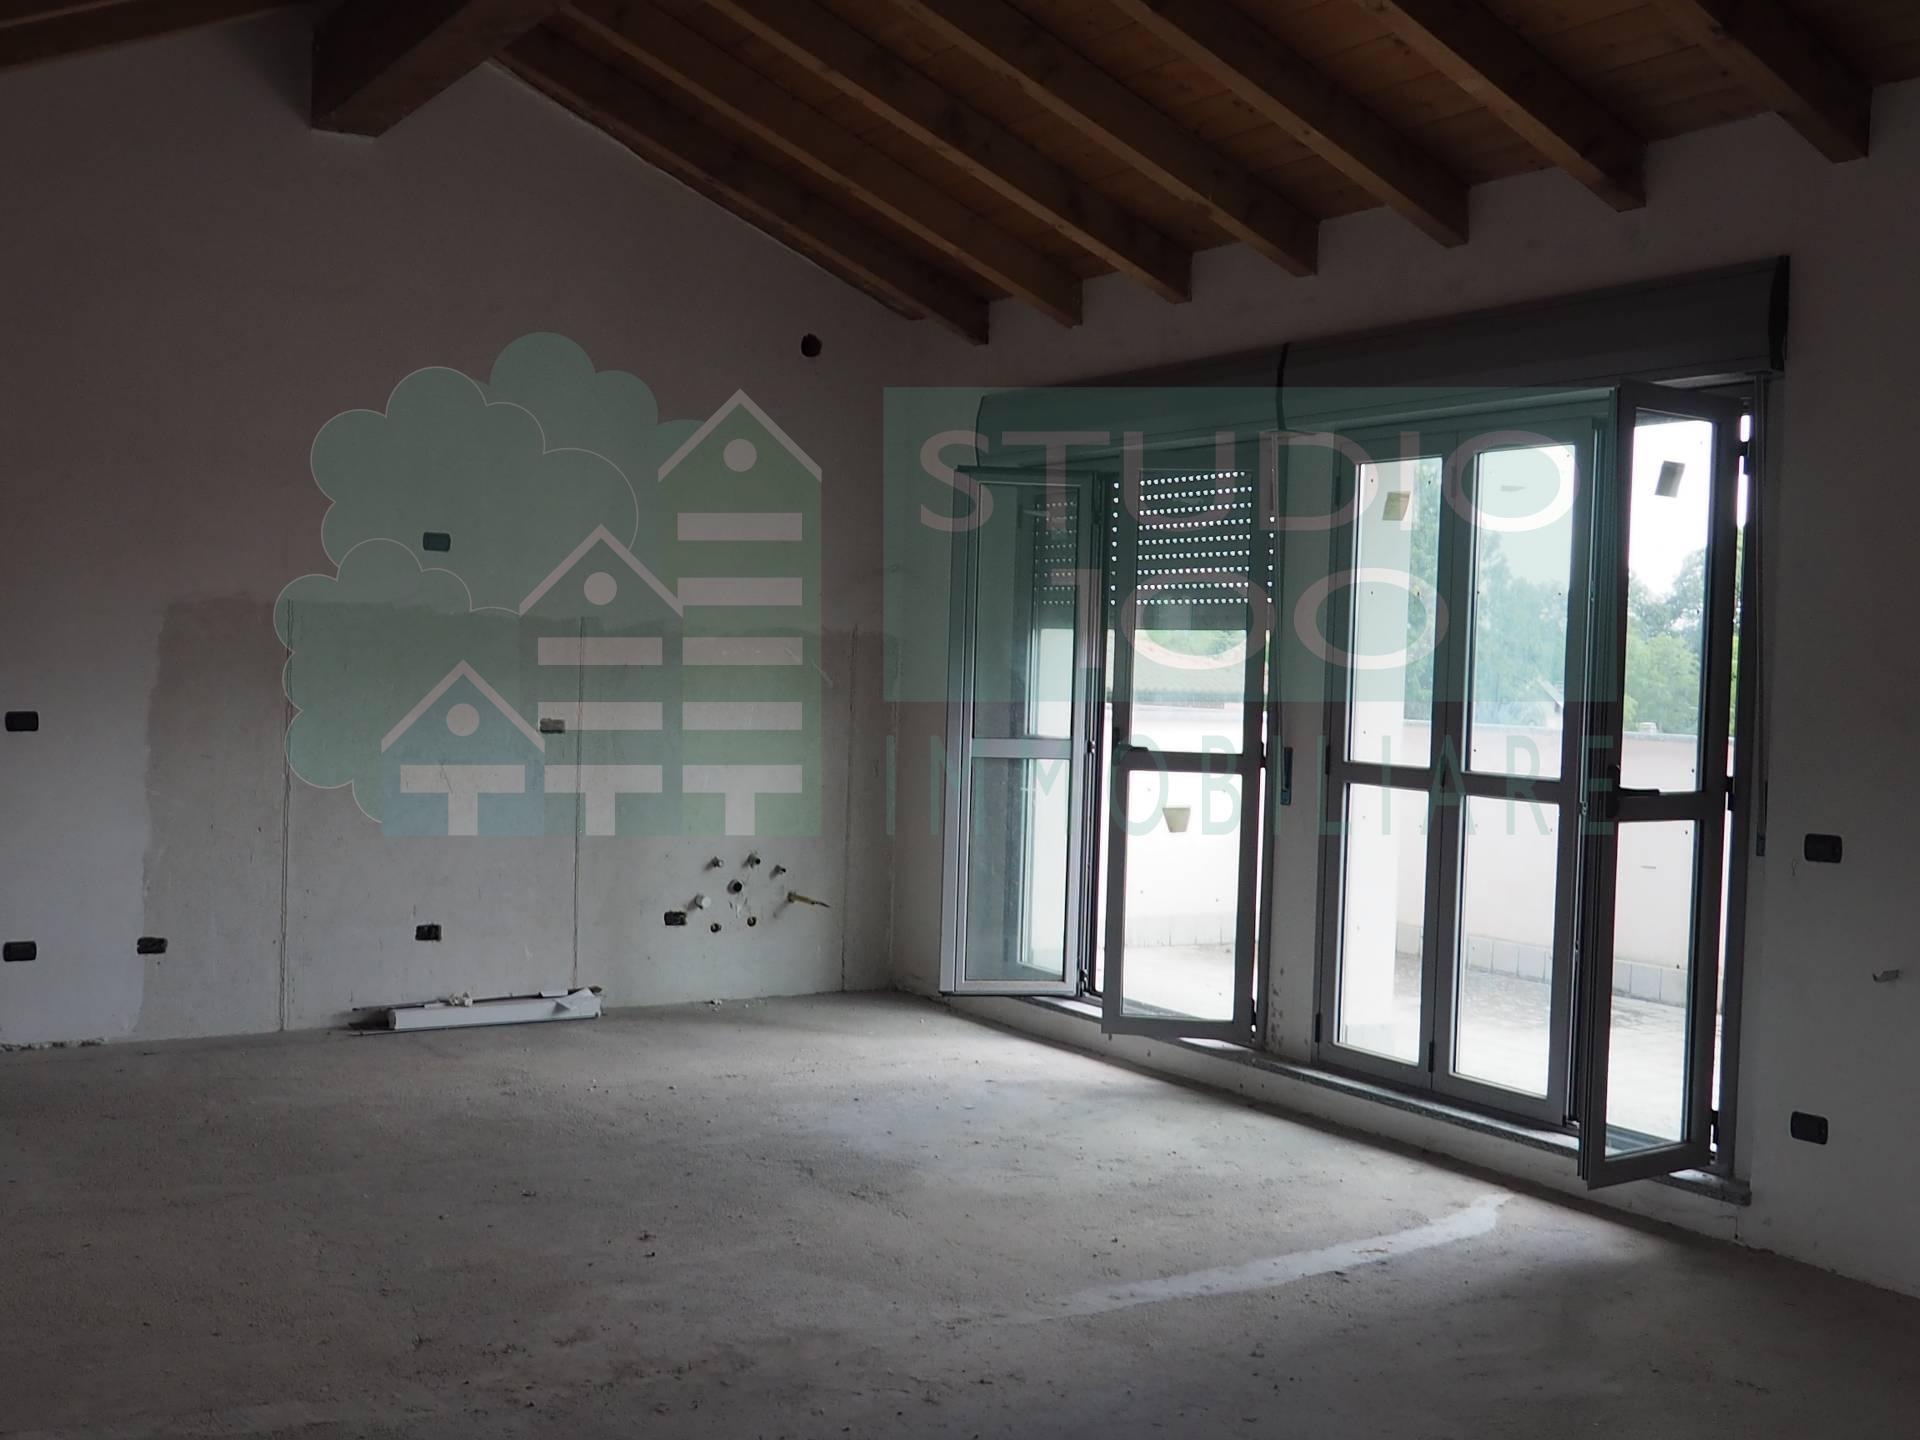 Appartamento in vendita a Arsago Seprio, 3 locali, zona Località: C.naRoncodiDiana, prezzo € 152.000 | CambioCasa.it